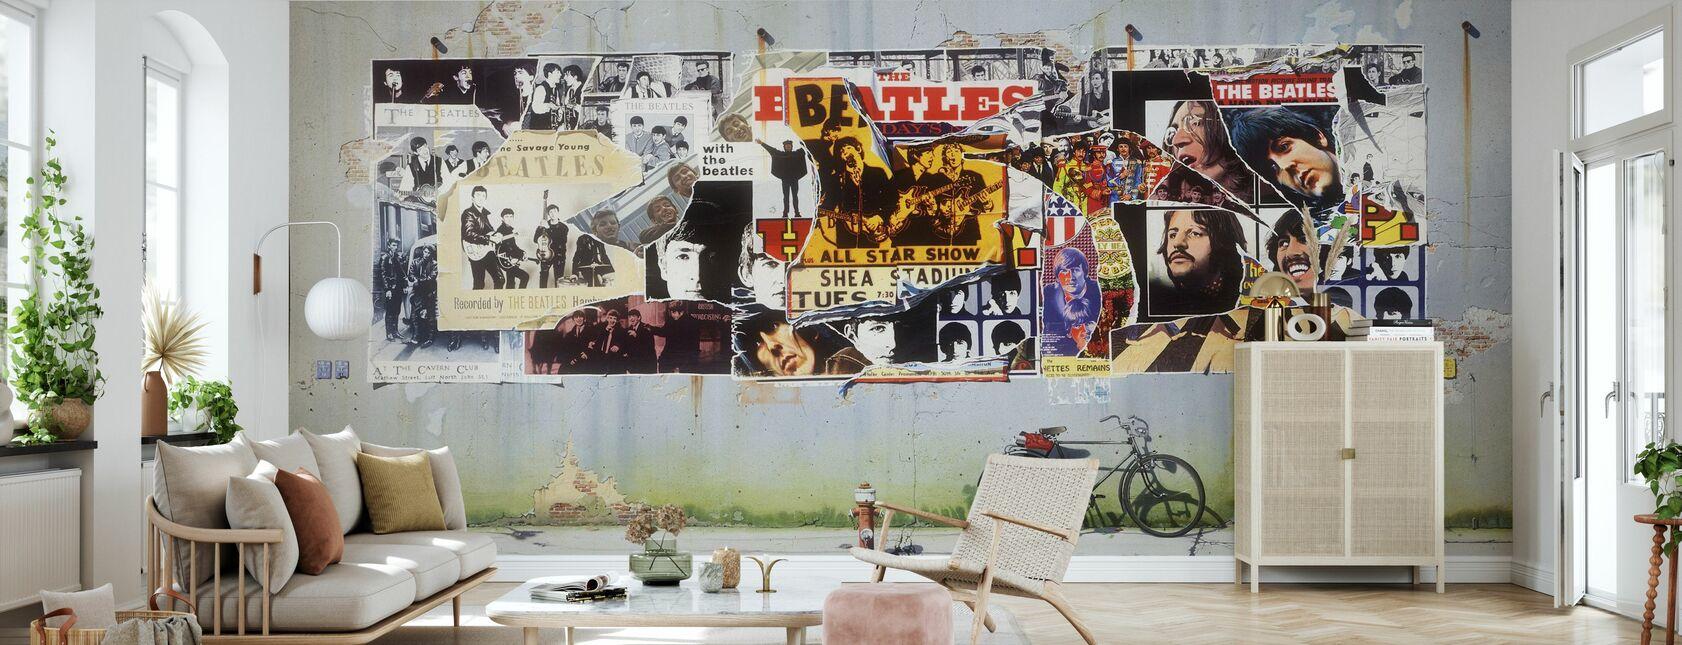 Beatles - Affiches sur mur de béton - Papier peint - Salle à manger